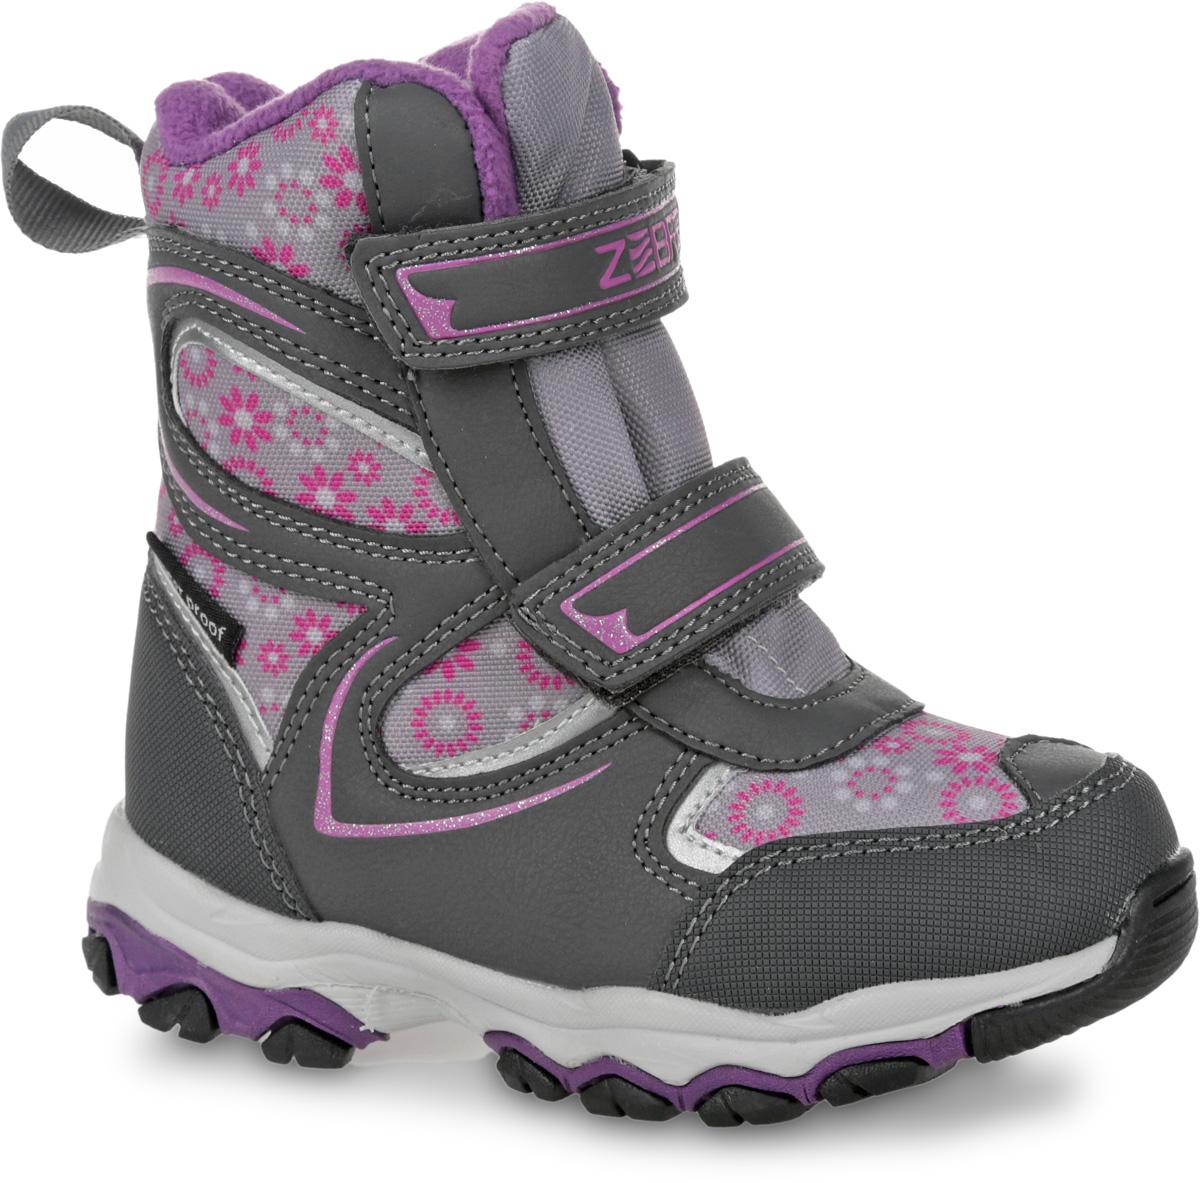 Полусапоги11015-10Полусапоги от Зебра выполнены из искусственной кожи и текстиля, оформлены цветочным принтом. Застежки-липучки надежно фиксируют изделие на ноге. Мягкая подкладка и стелька из шерсти обеспечивают тепло, циркуляцию воздуха и сохраняют комфортный микроклимат в обуви.